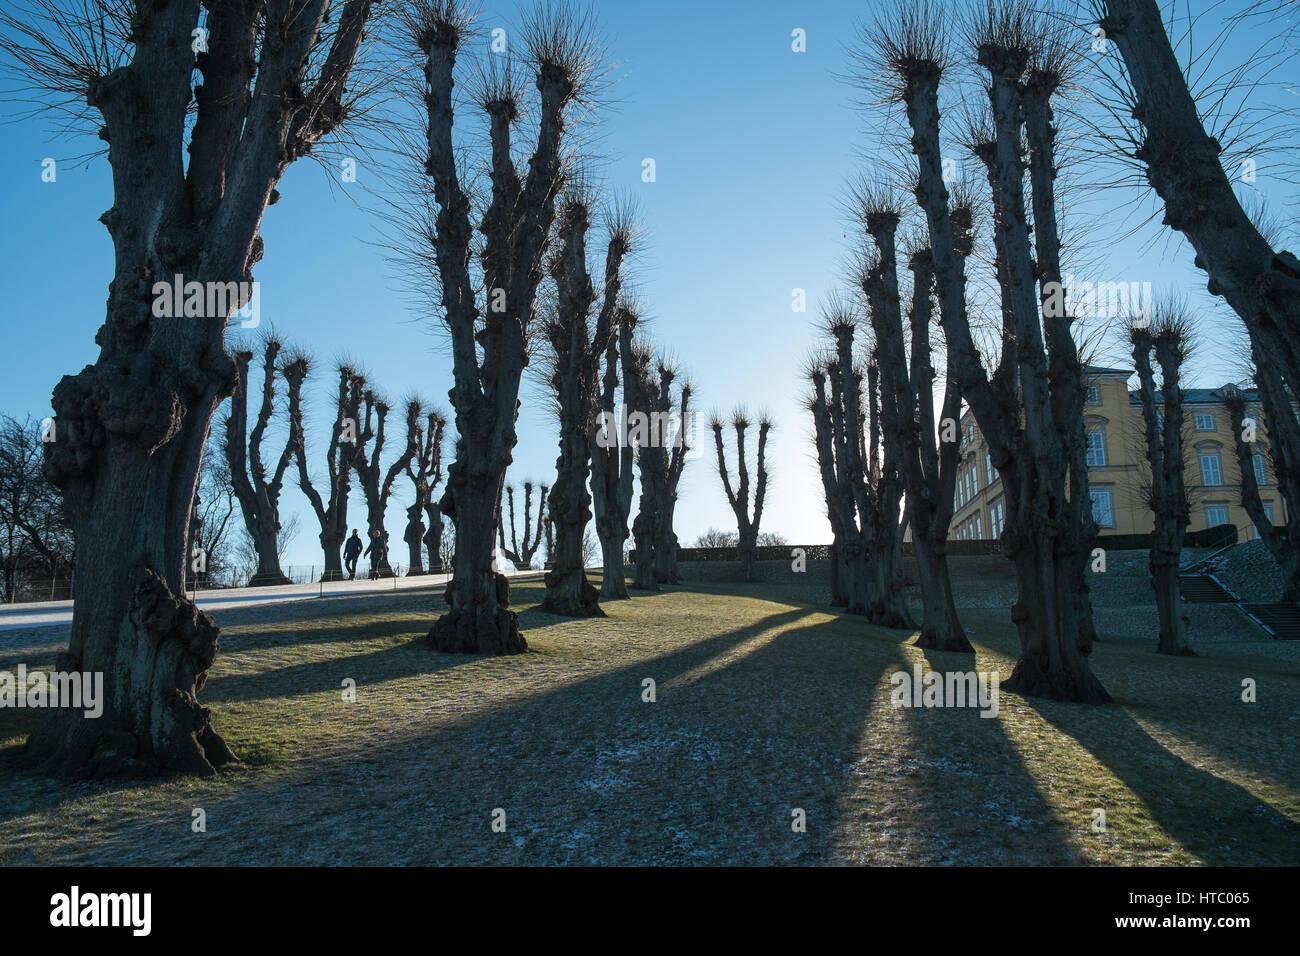 Line of plane trees in the winter against a blue sky in Frederiksberg Gardens, Copenhagen, Denmark - Stock Image